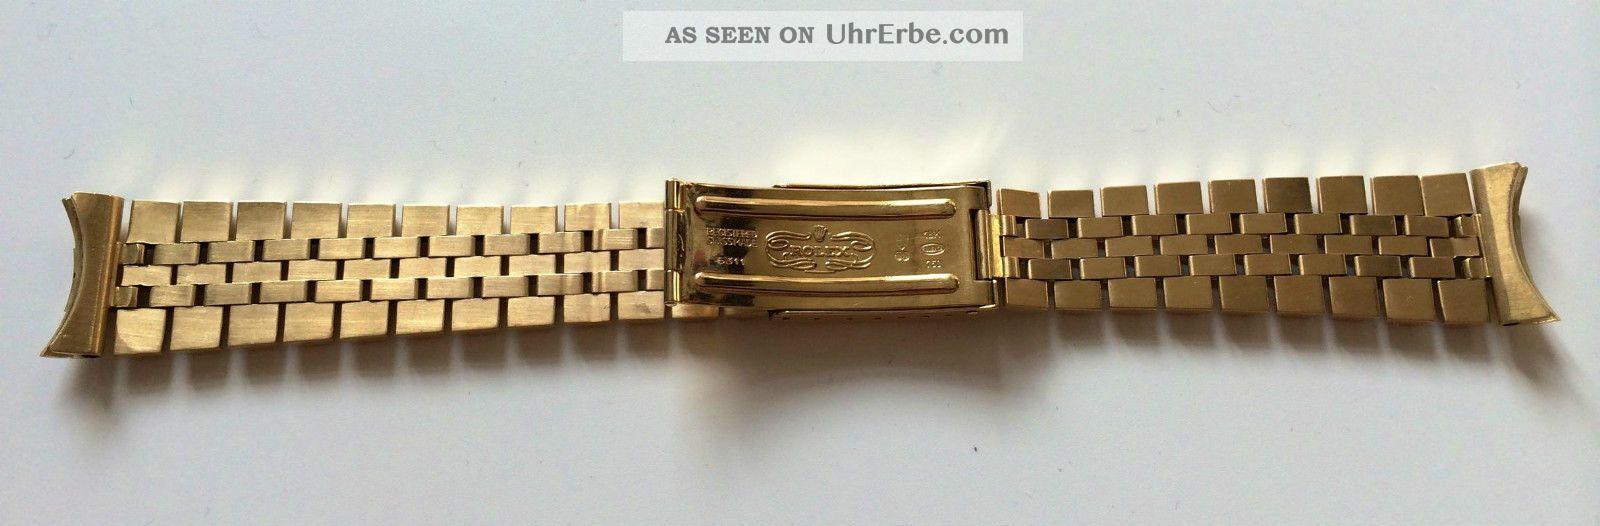 rolex jubil gmt submariner datejust 18 k gold armband. Black Bedroom Furniture Sets. Home Design Ideas